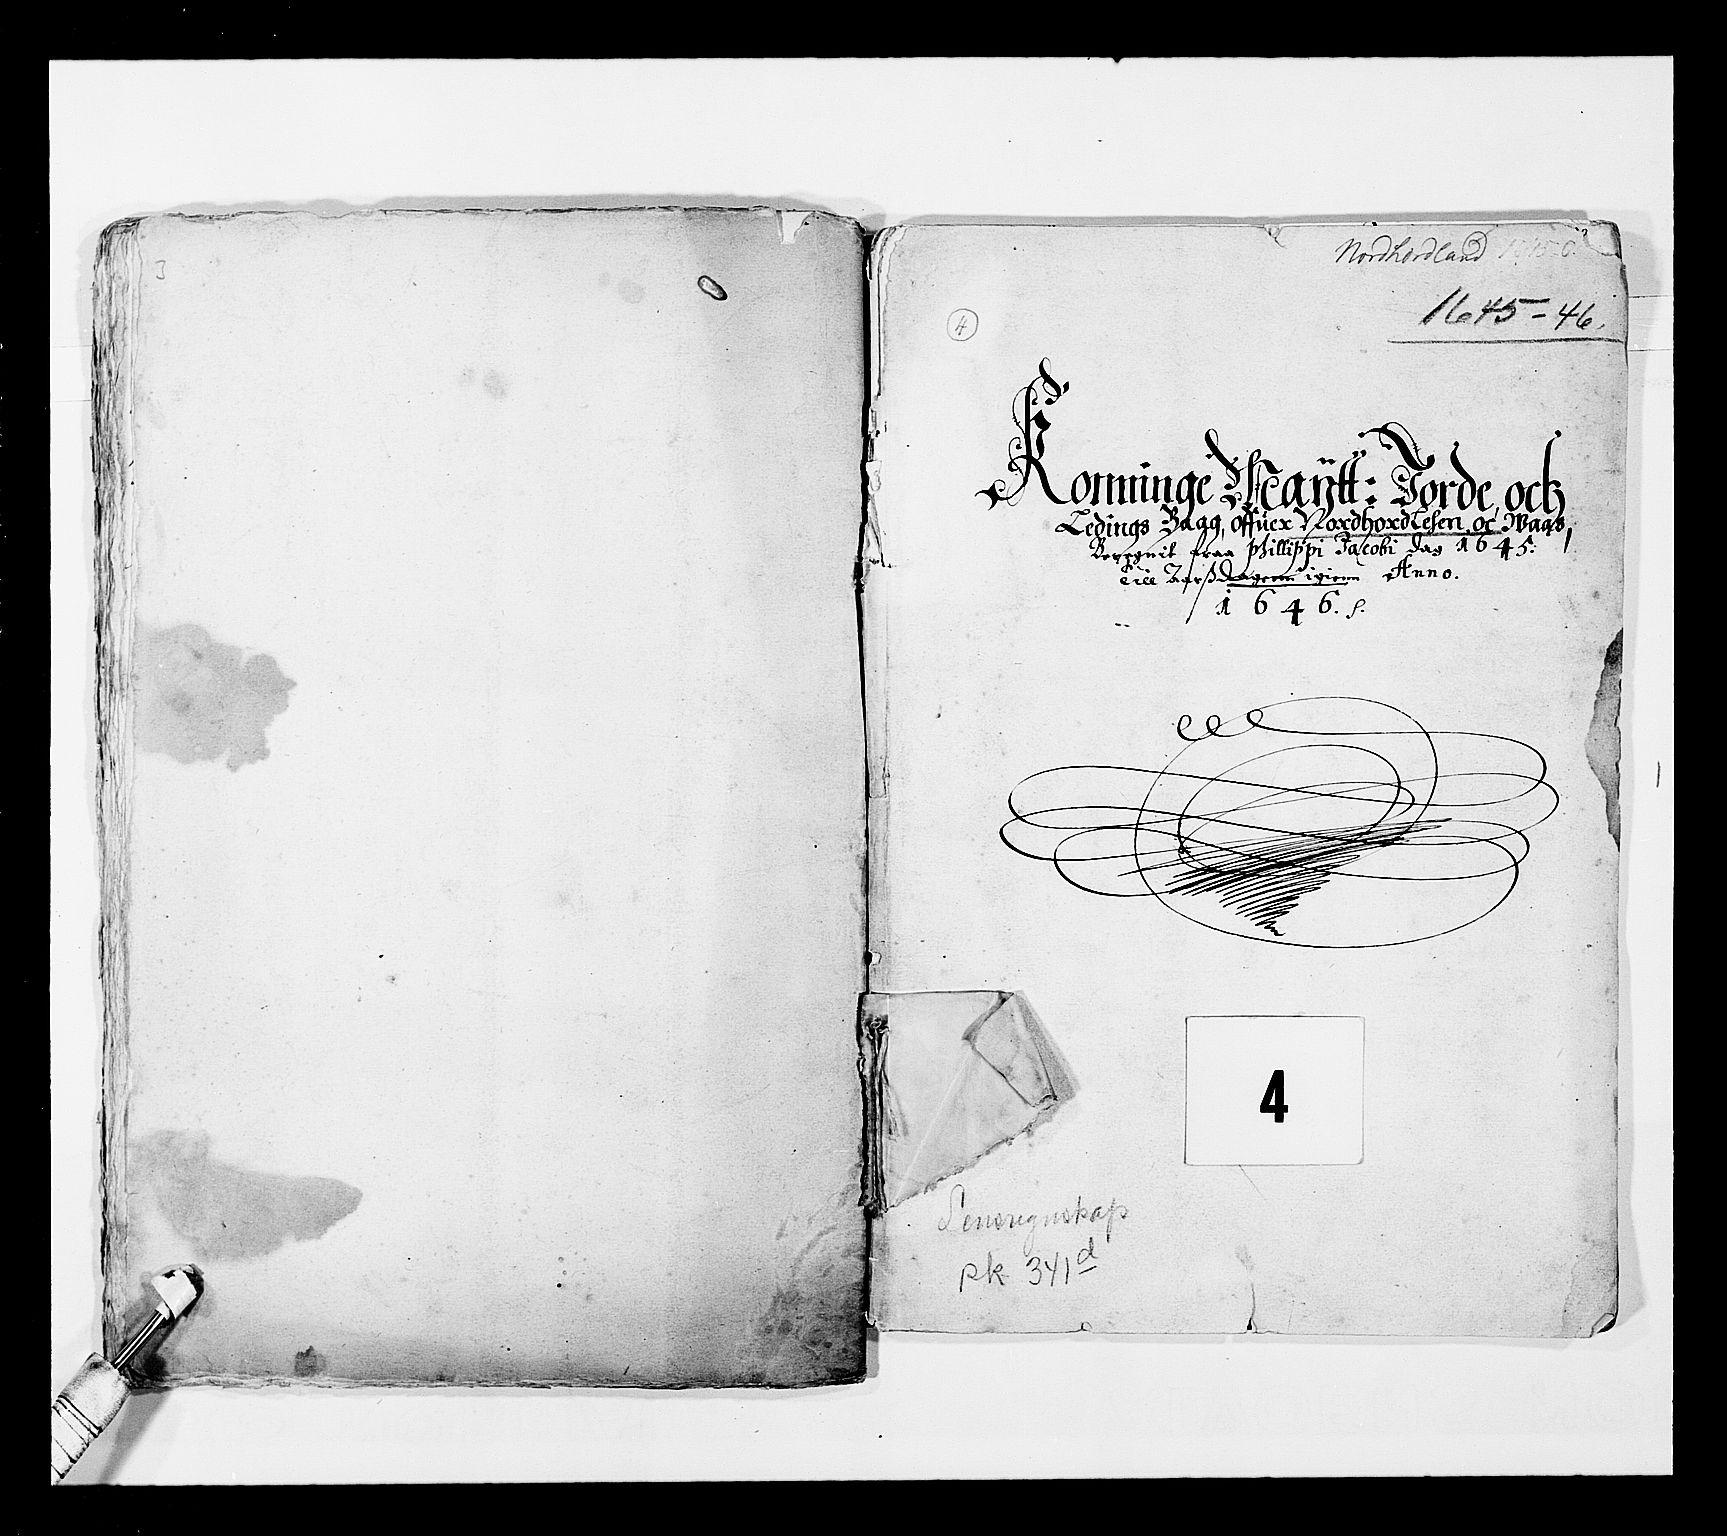 RA, Stattholderembetet 1572-1771, Ek/L0025: Jordebøker 1633-1658:, 1645-1646, s. 74